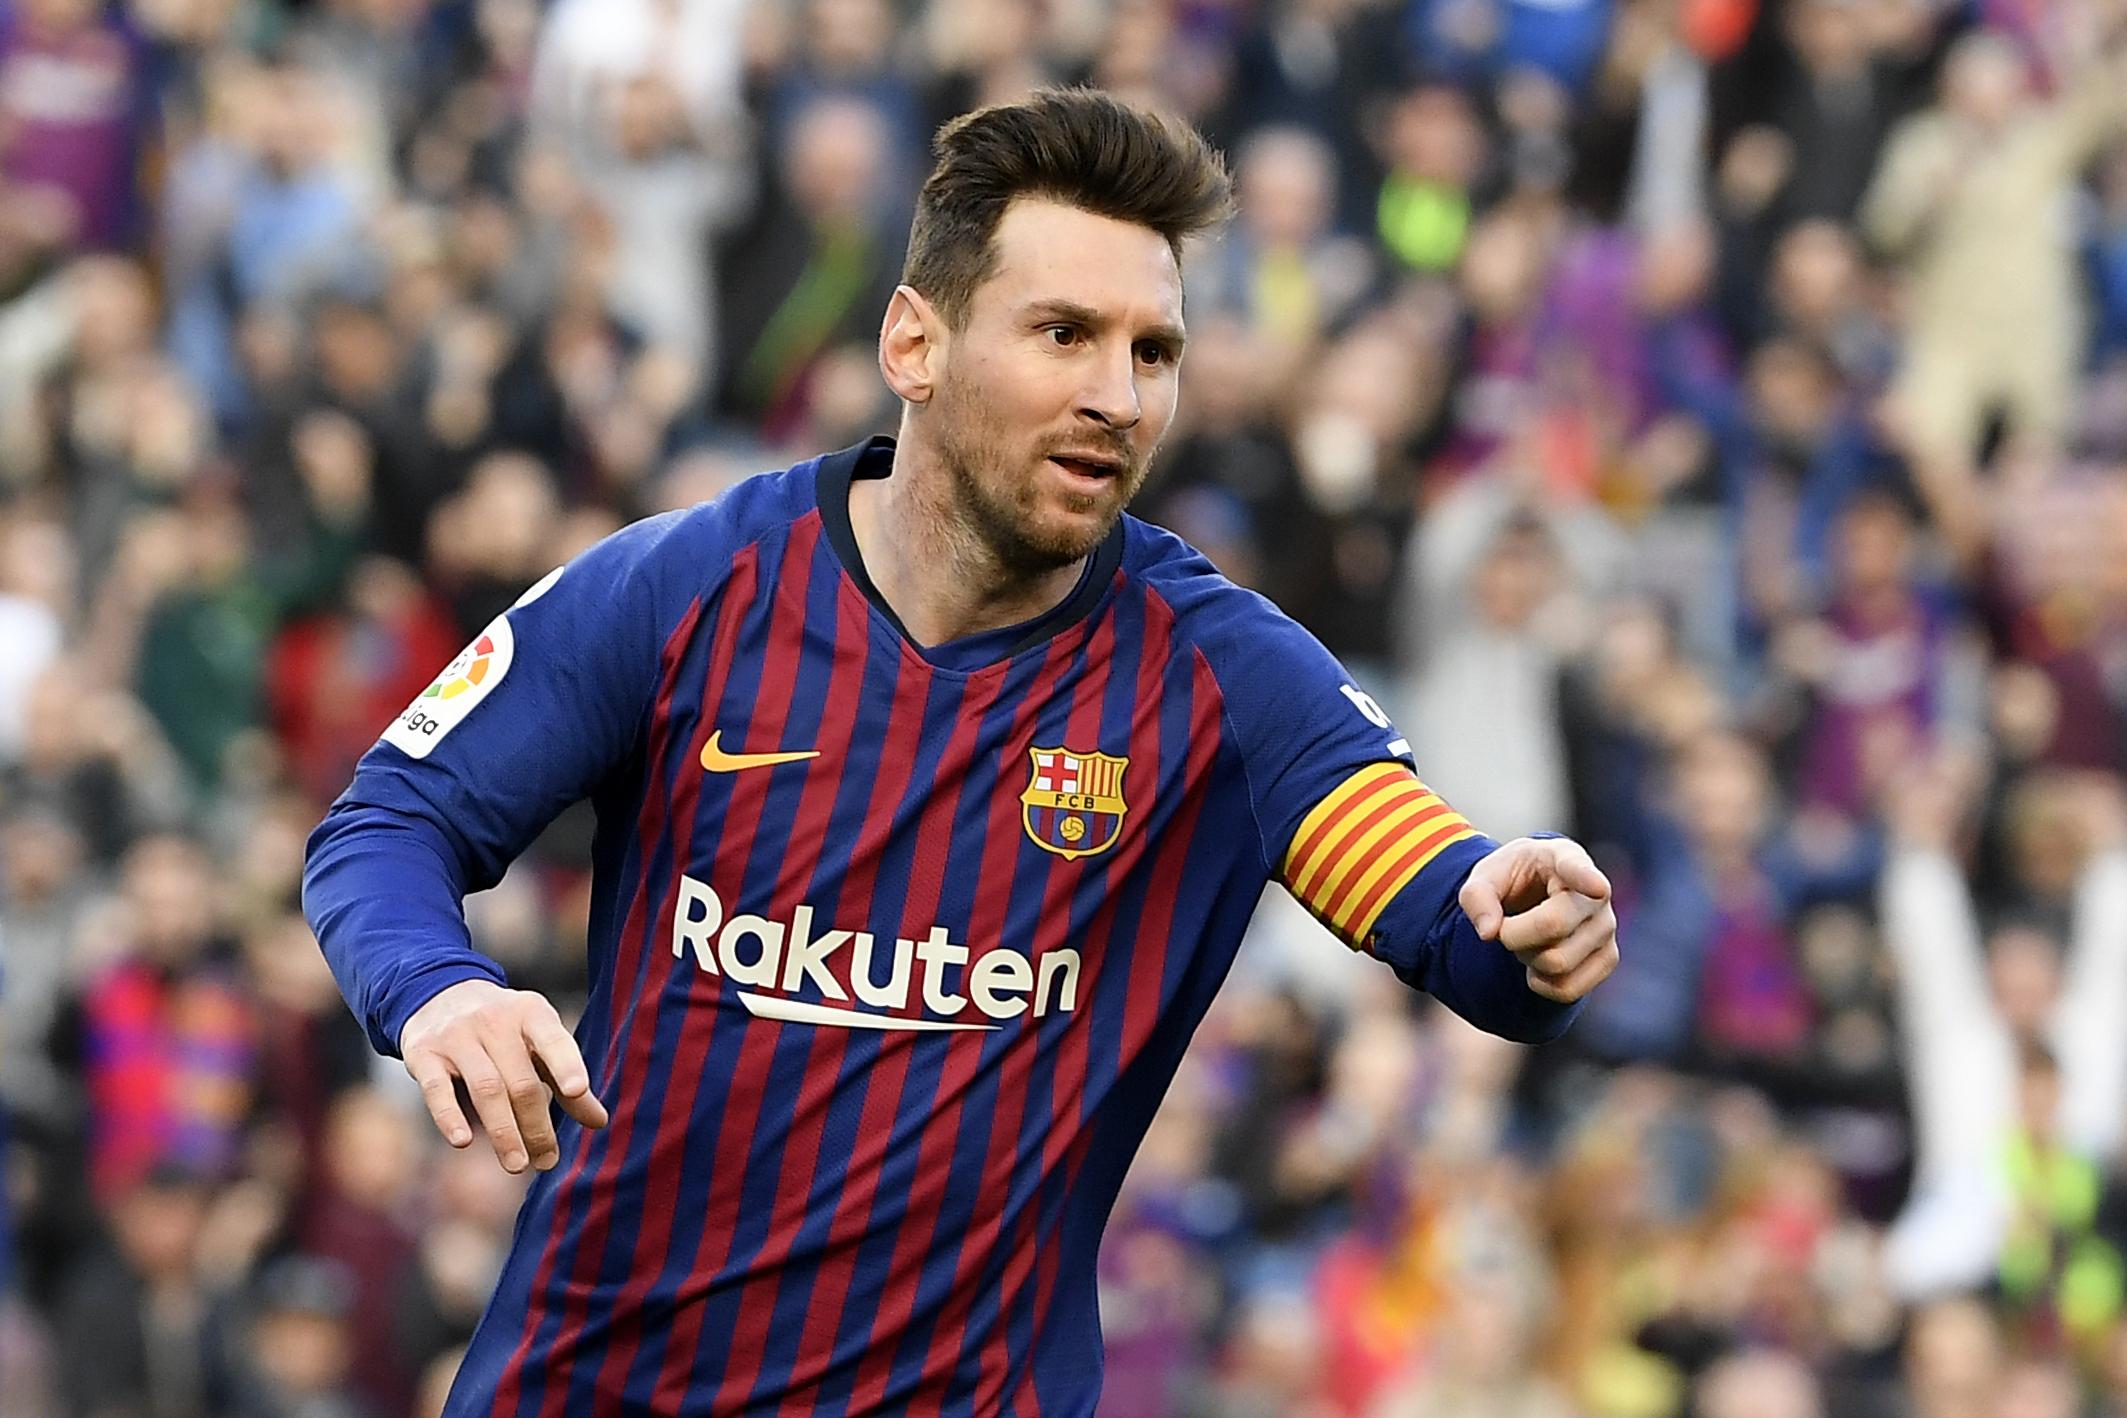 La magia de Lionel Messi se hizo presente con un gol de tiro libre a lo Panenka en el que un defensa del Espanyol terminó enviando el balón al fondo de la portería. (Foto Prensa Libre: AFP)